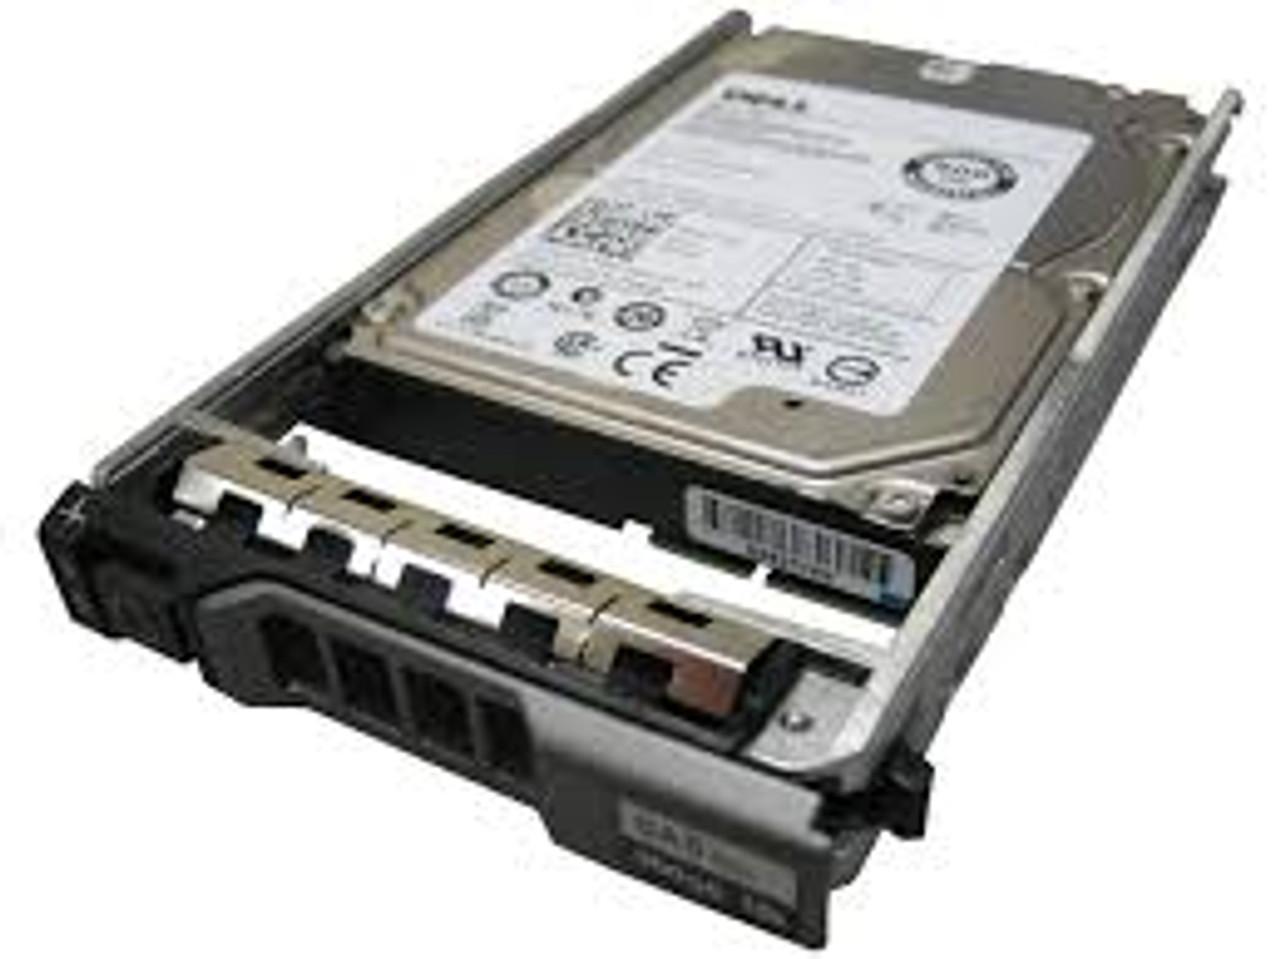 NX3200 Hot Swap 1TB 6Gb//s SATA Hard Drive NX3100 New Dell PowerVault NX3000